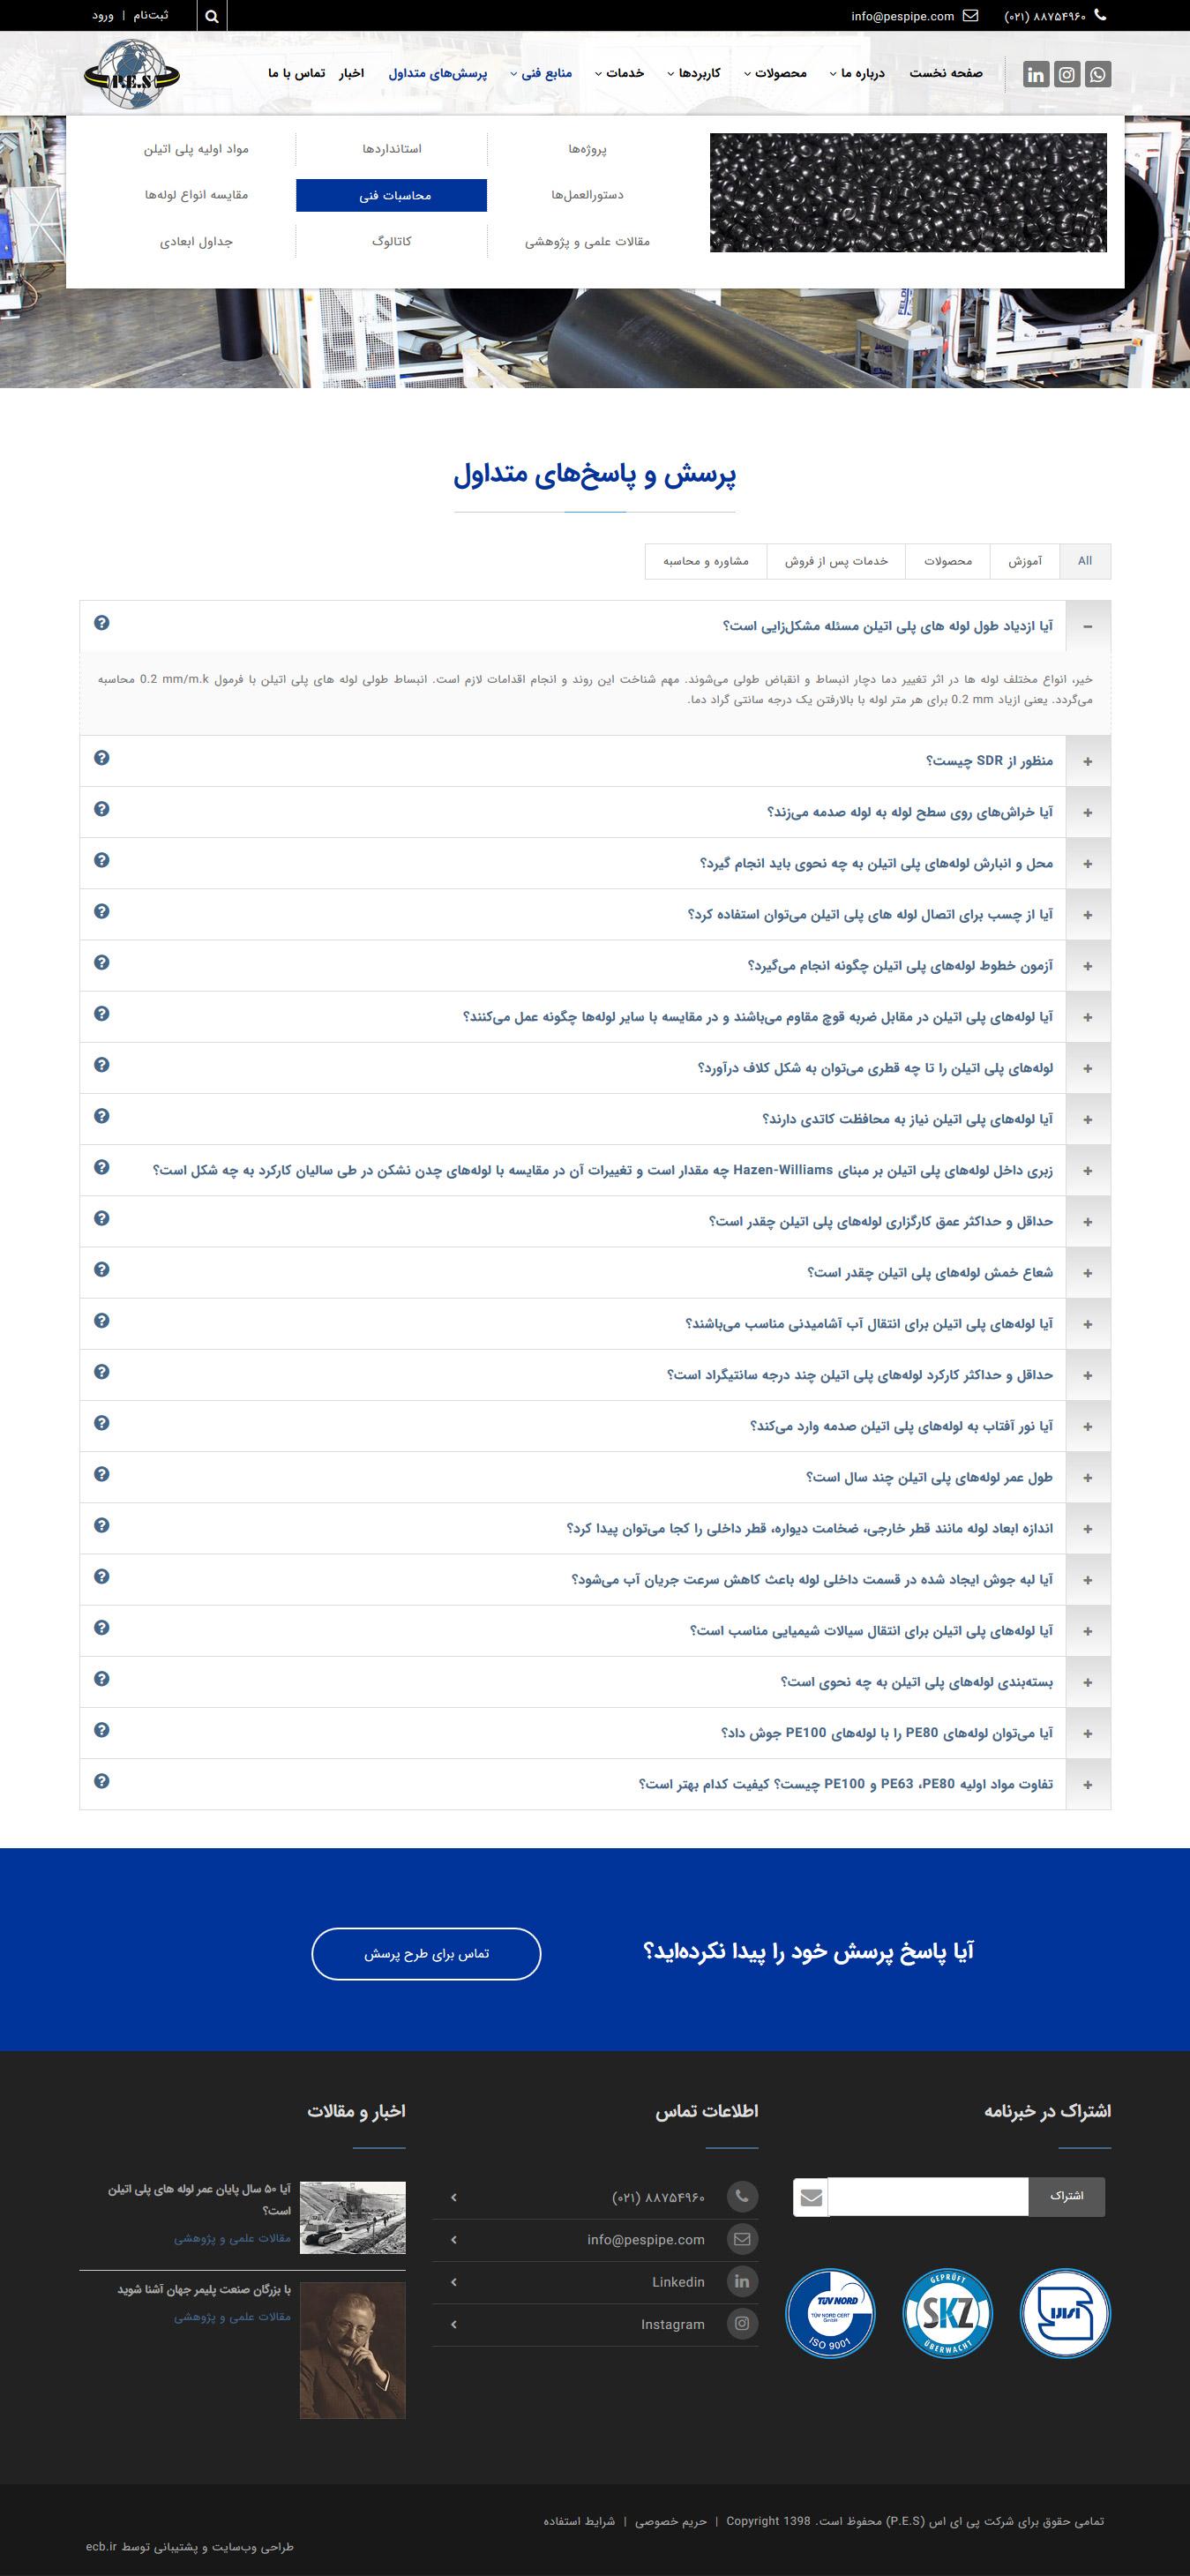 تصویری از صفحه پرسشهای متداول شرکت تولید لوله و اتصالات پلی اتیلن P.E.S. پی ای اس